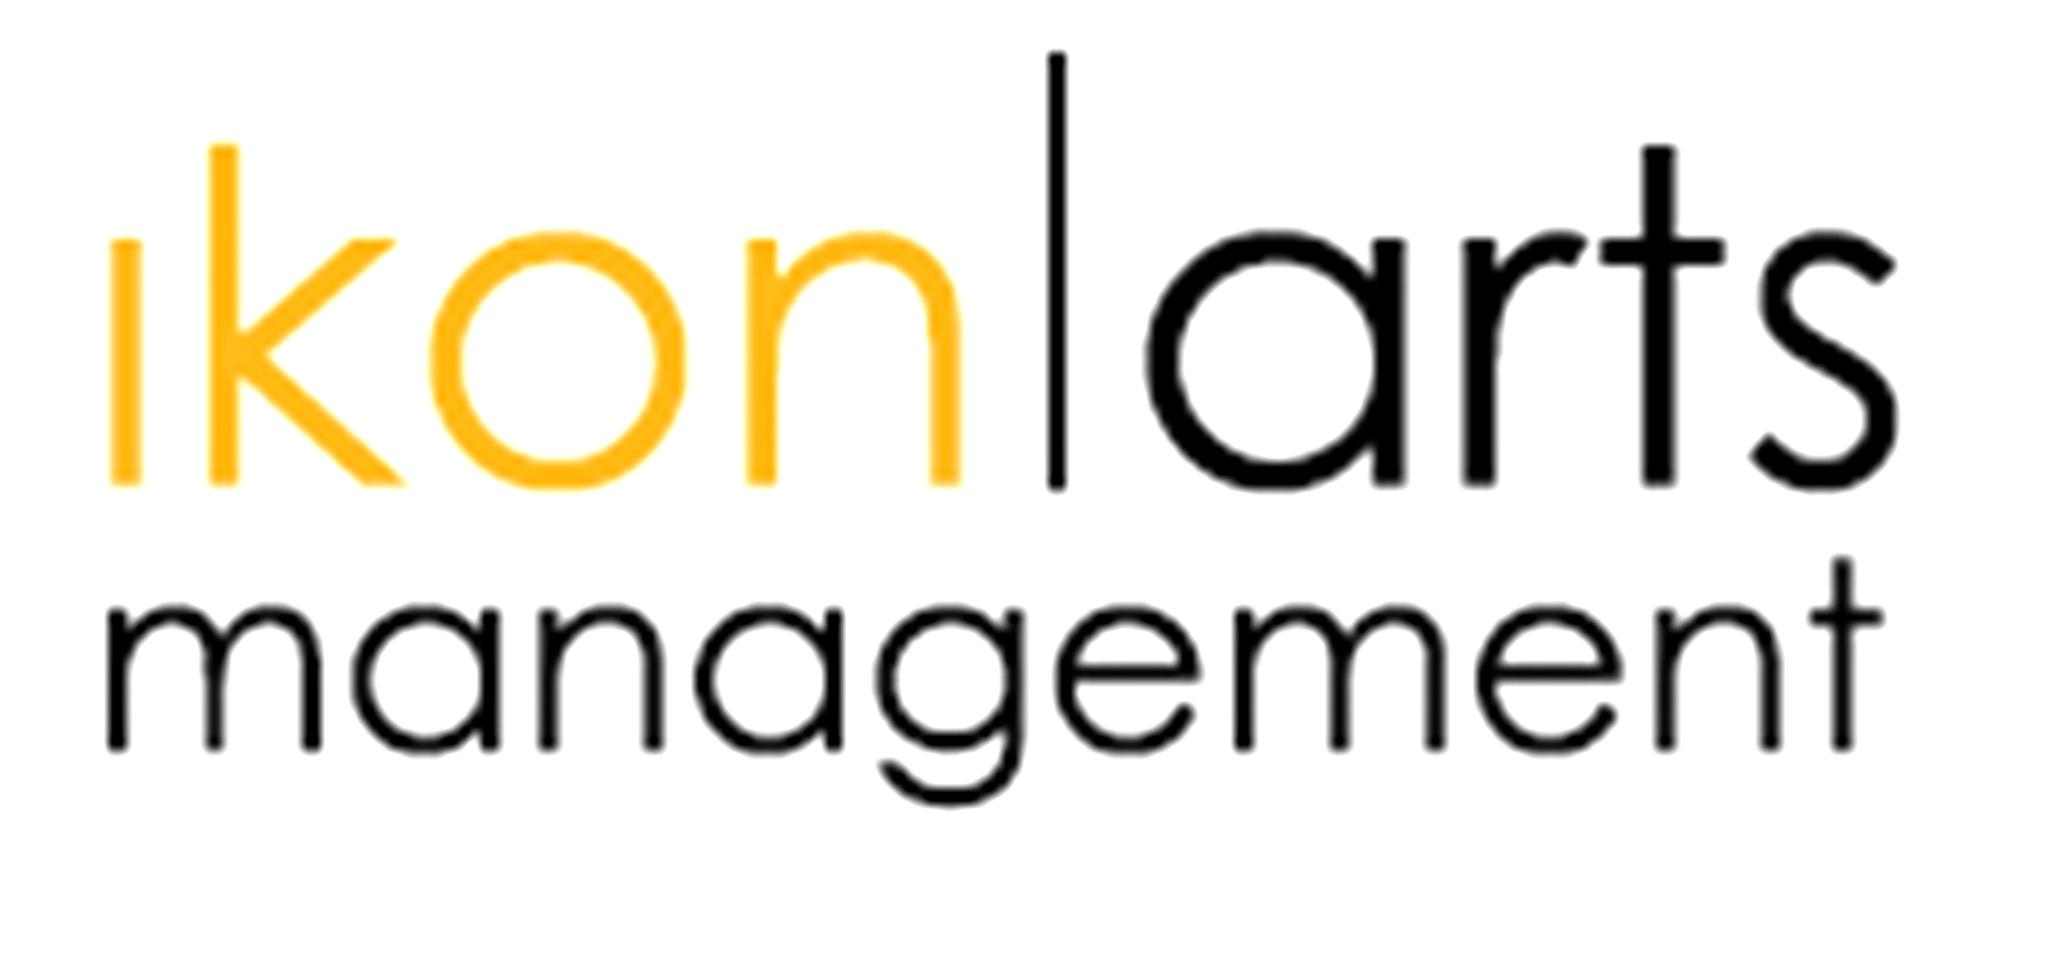 Ikon logo larger.jpg